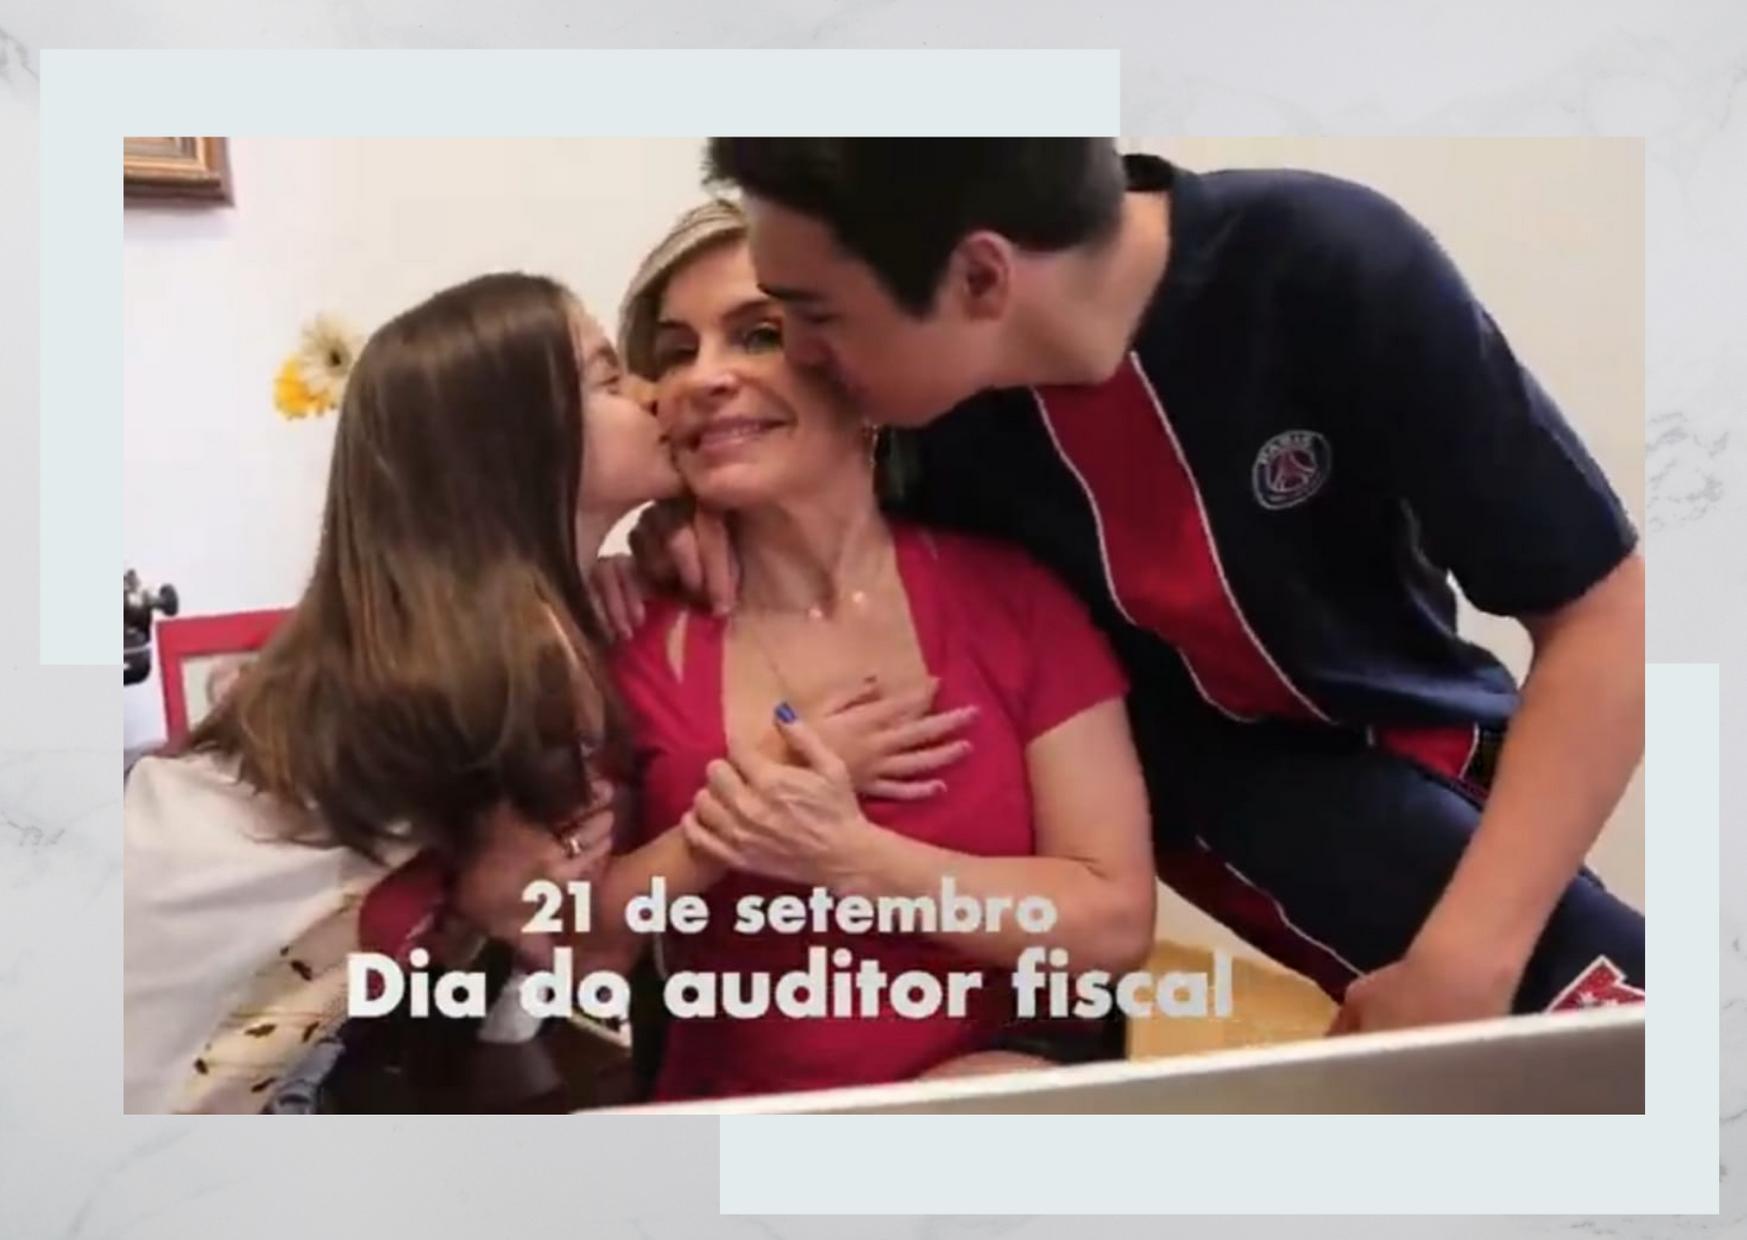 Vídeo homenageia Auditor Fiscal na televisão mineira e nas redes sociais